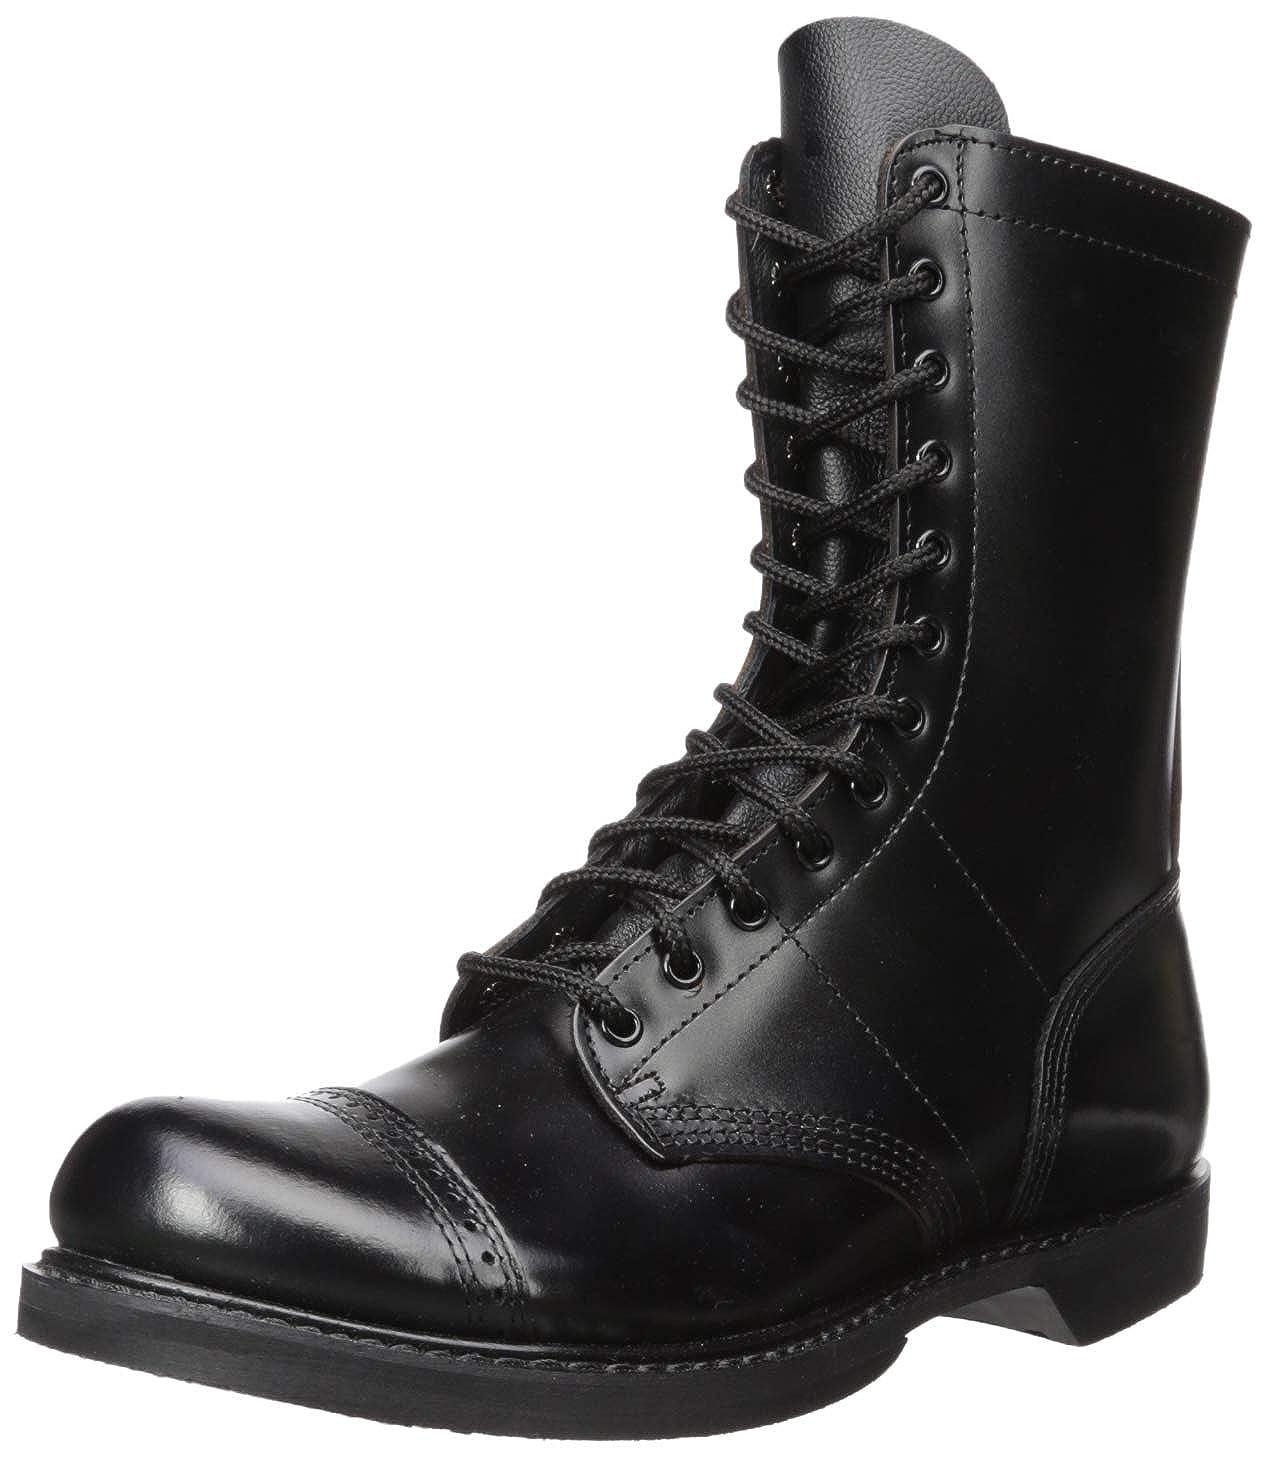 40a3adcfc1e Corcoran Men's 10 Inch Side Zipper Jump Boot-M